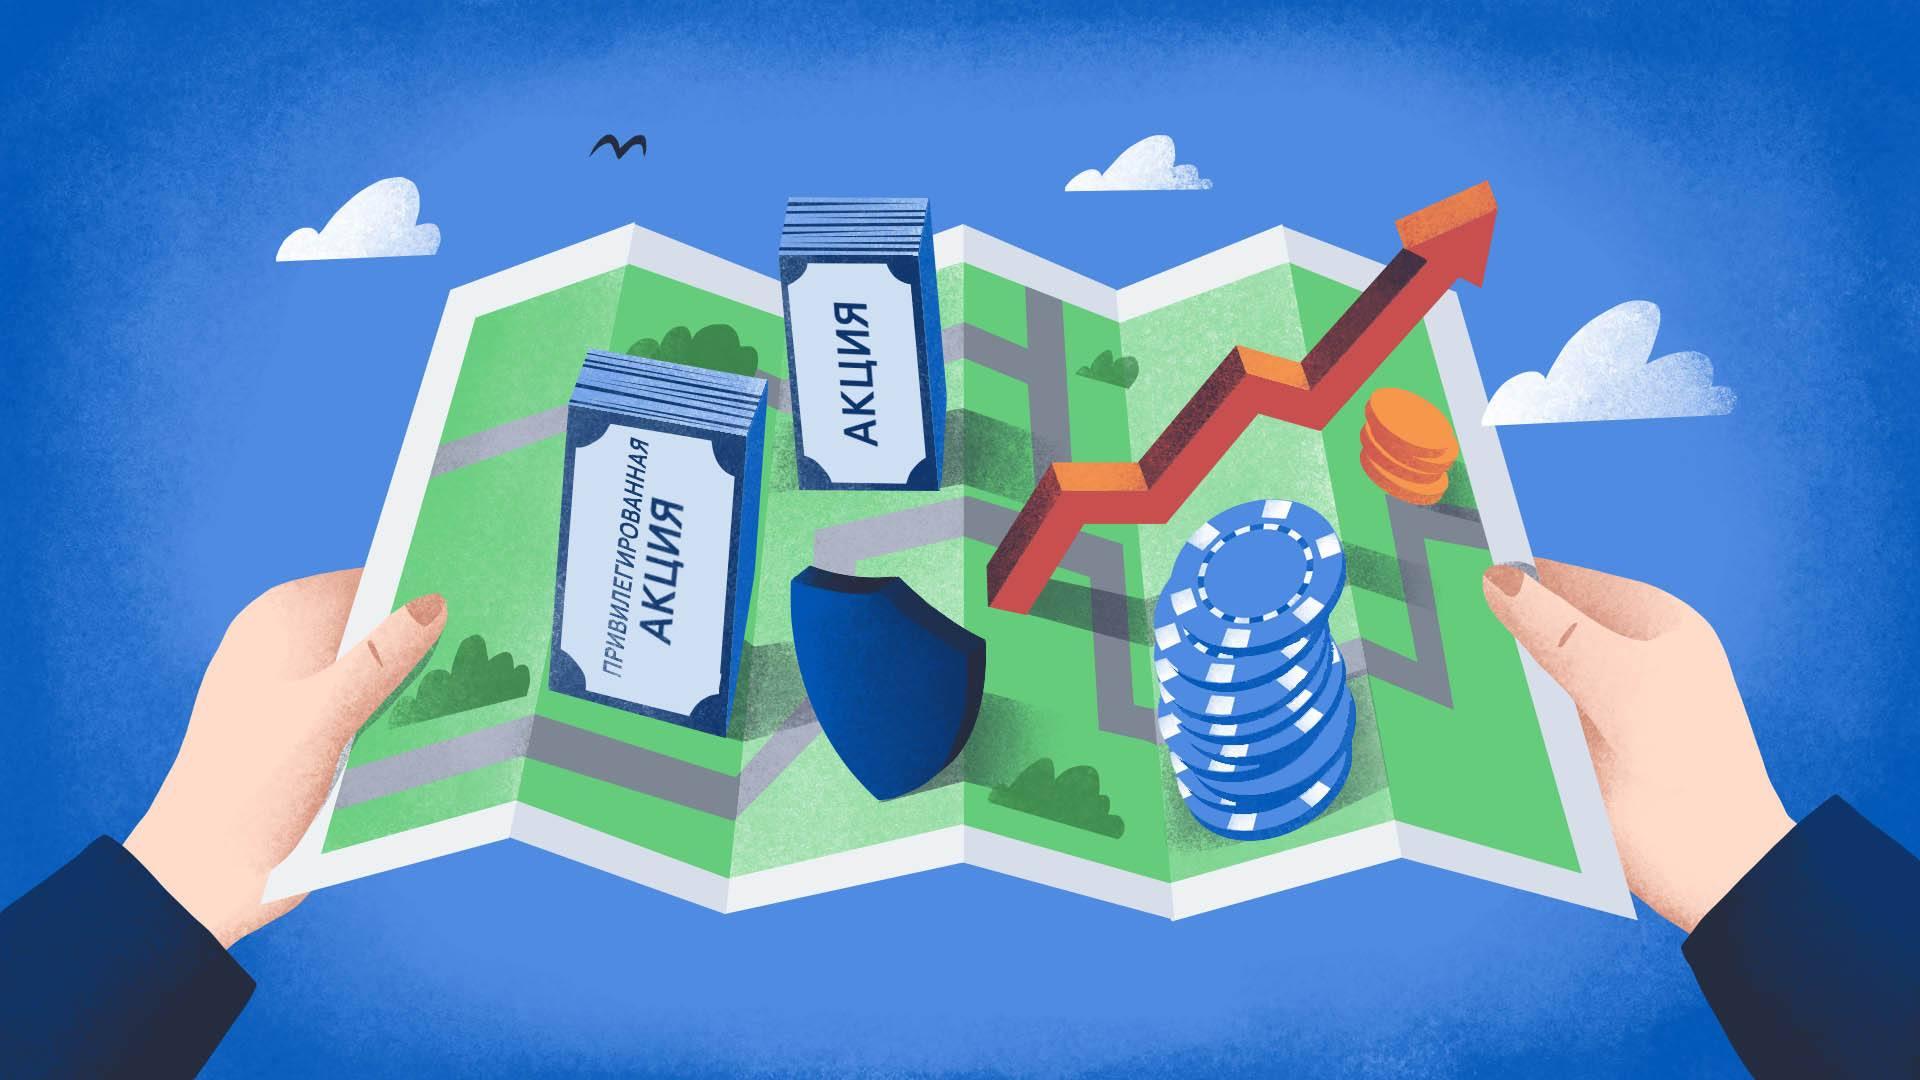 Купить, продать или вложиться: что такое акции и как они появляются